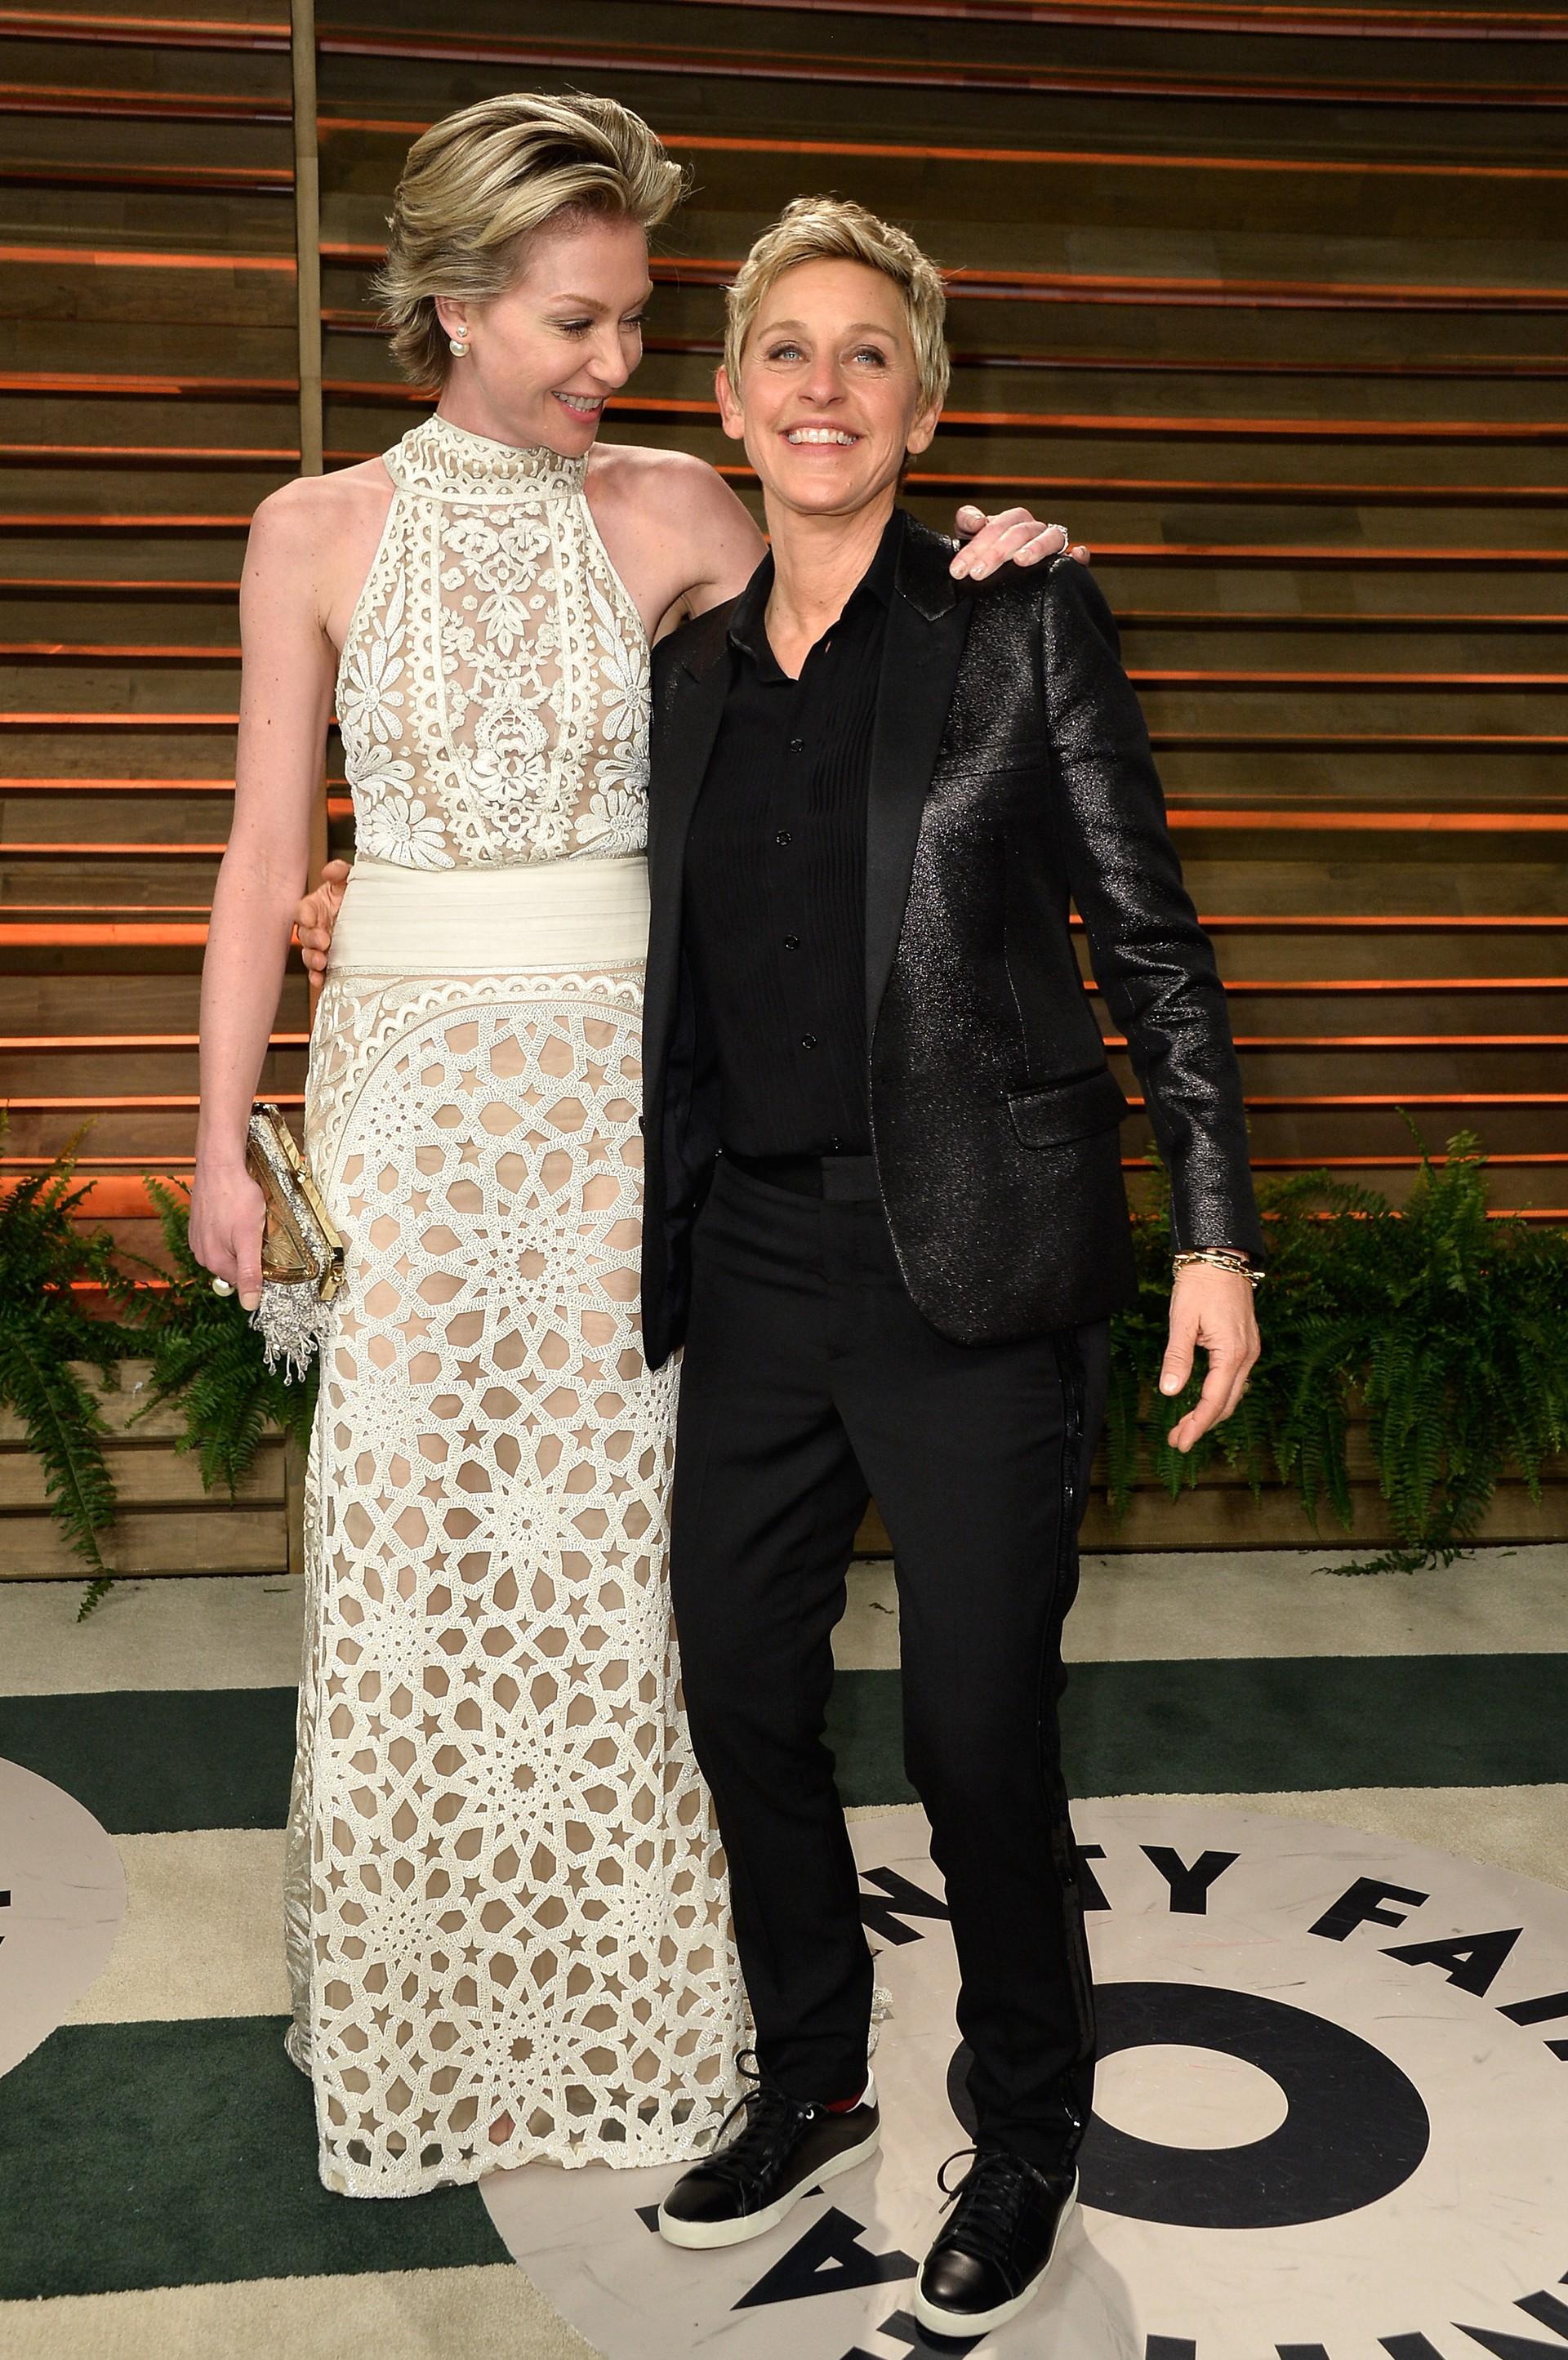 A apresentadora DeGeneres é casada com a atriz De Rossi desde 2008. Por ano, Ellen ganha US$ 53 milhões. (Foto: Getty Images)